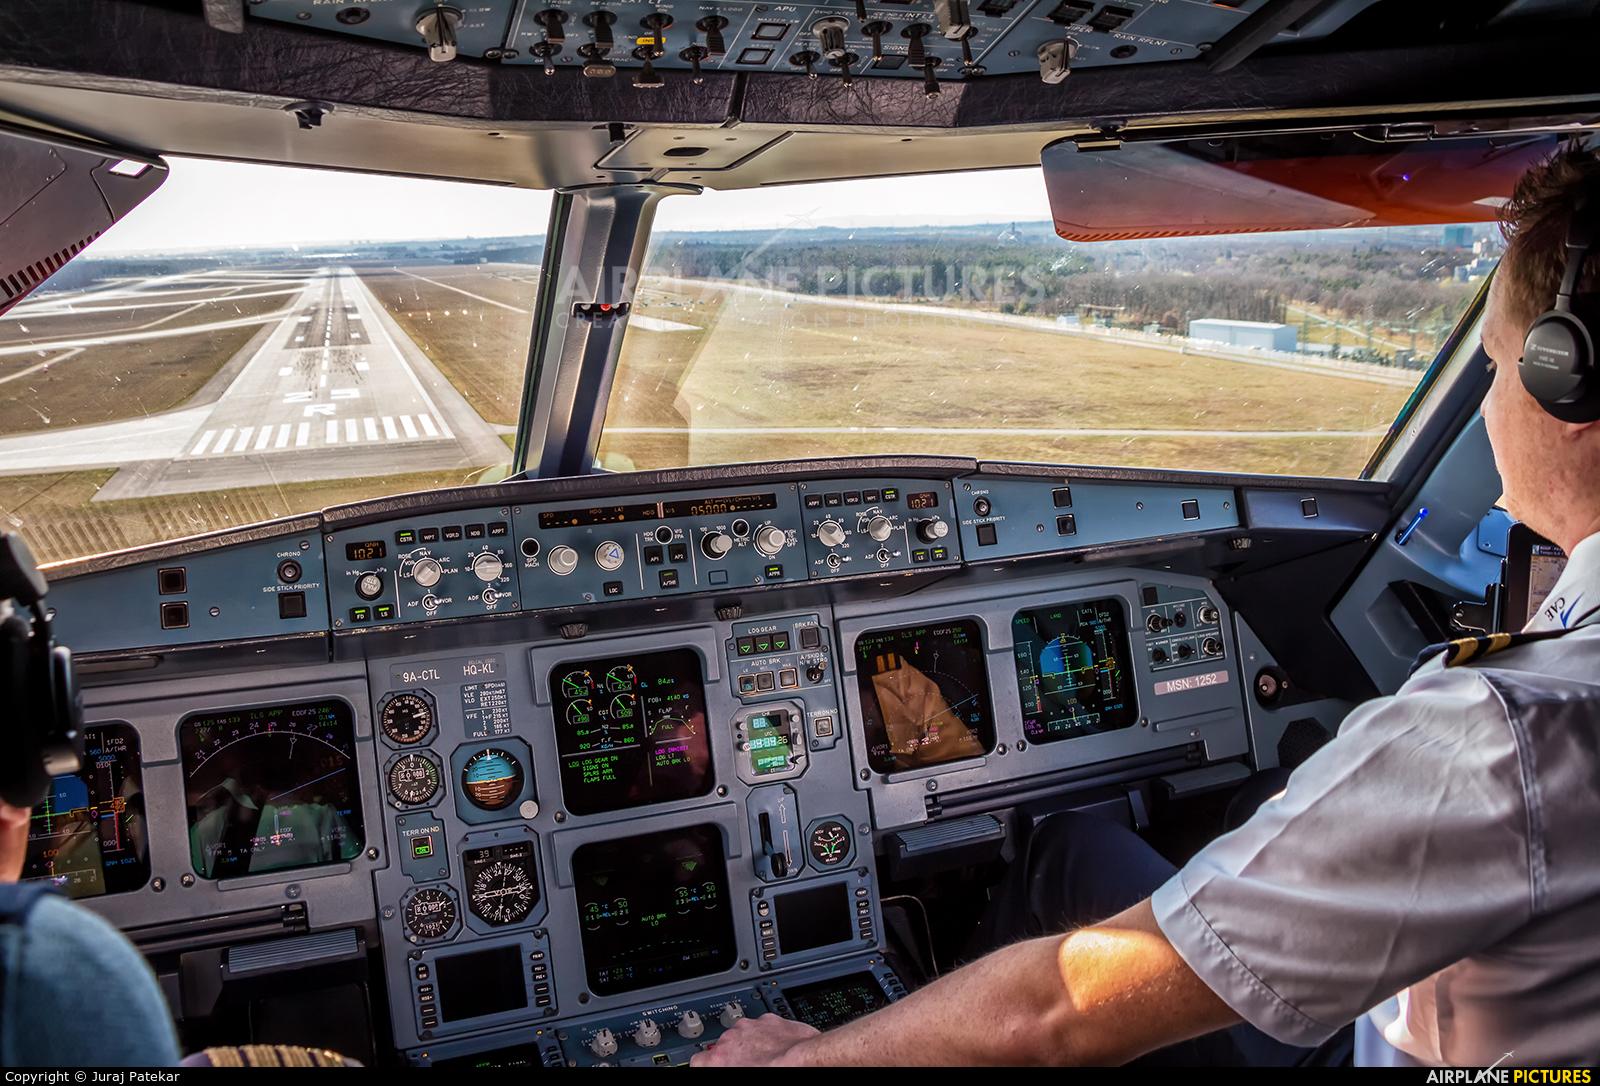 Croatia Airlines 9A-CTL aircraft at Frankfurt